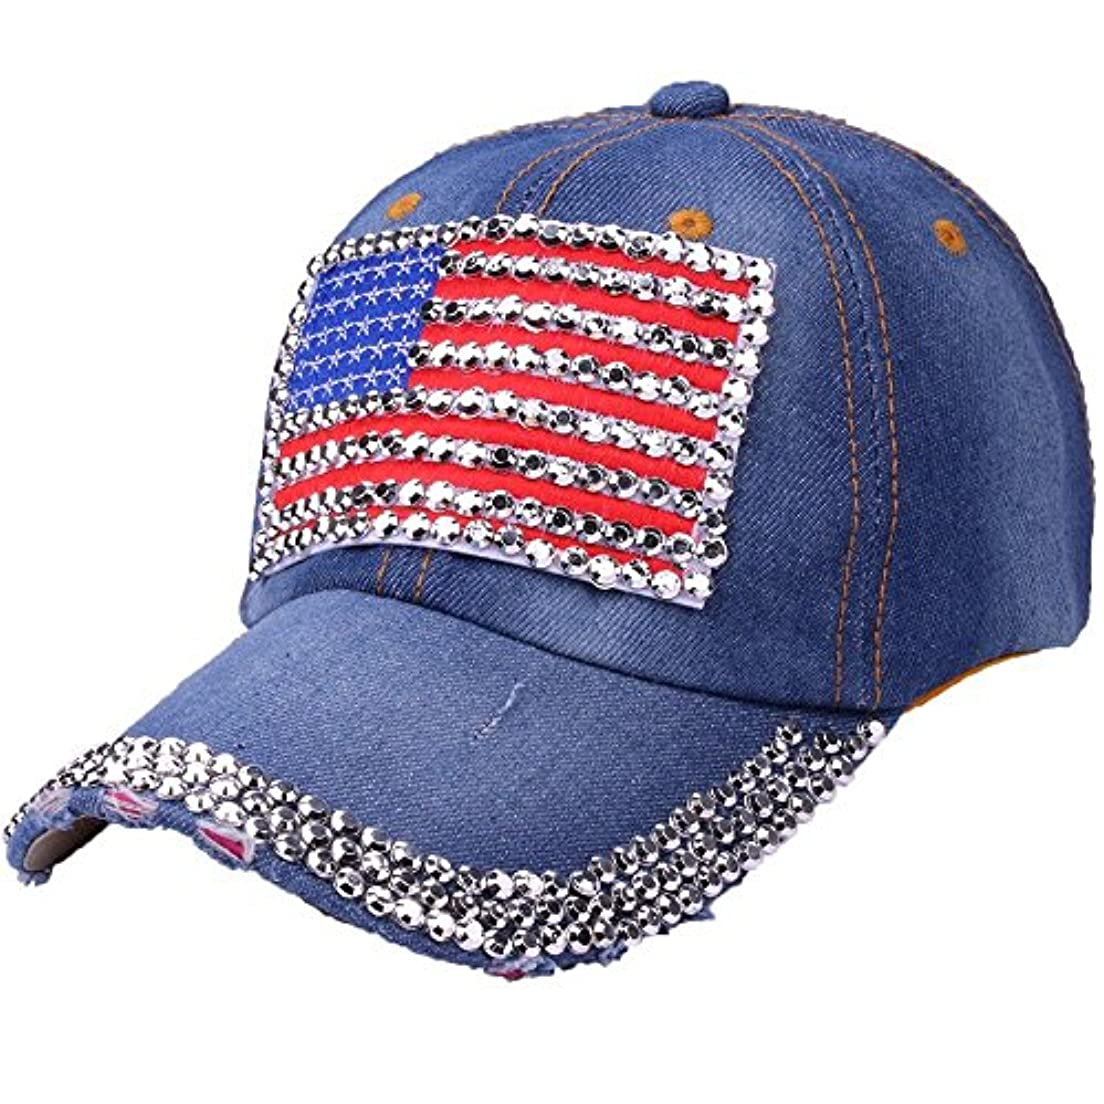 眉をひそめるつぼみスクリーチRacazing Cap カウボーイ 野球帽 ヒップホップ 通気性のある ラインストーン 帽子 夏 登山 アメリカの旗 可調整可能 棒球帽 男女兼用 UV 帽子 軽量 屋外 ジーンズ Unisex Cap (C)